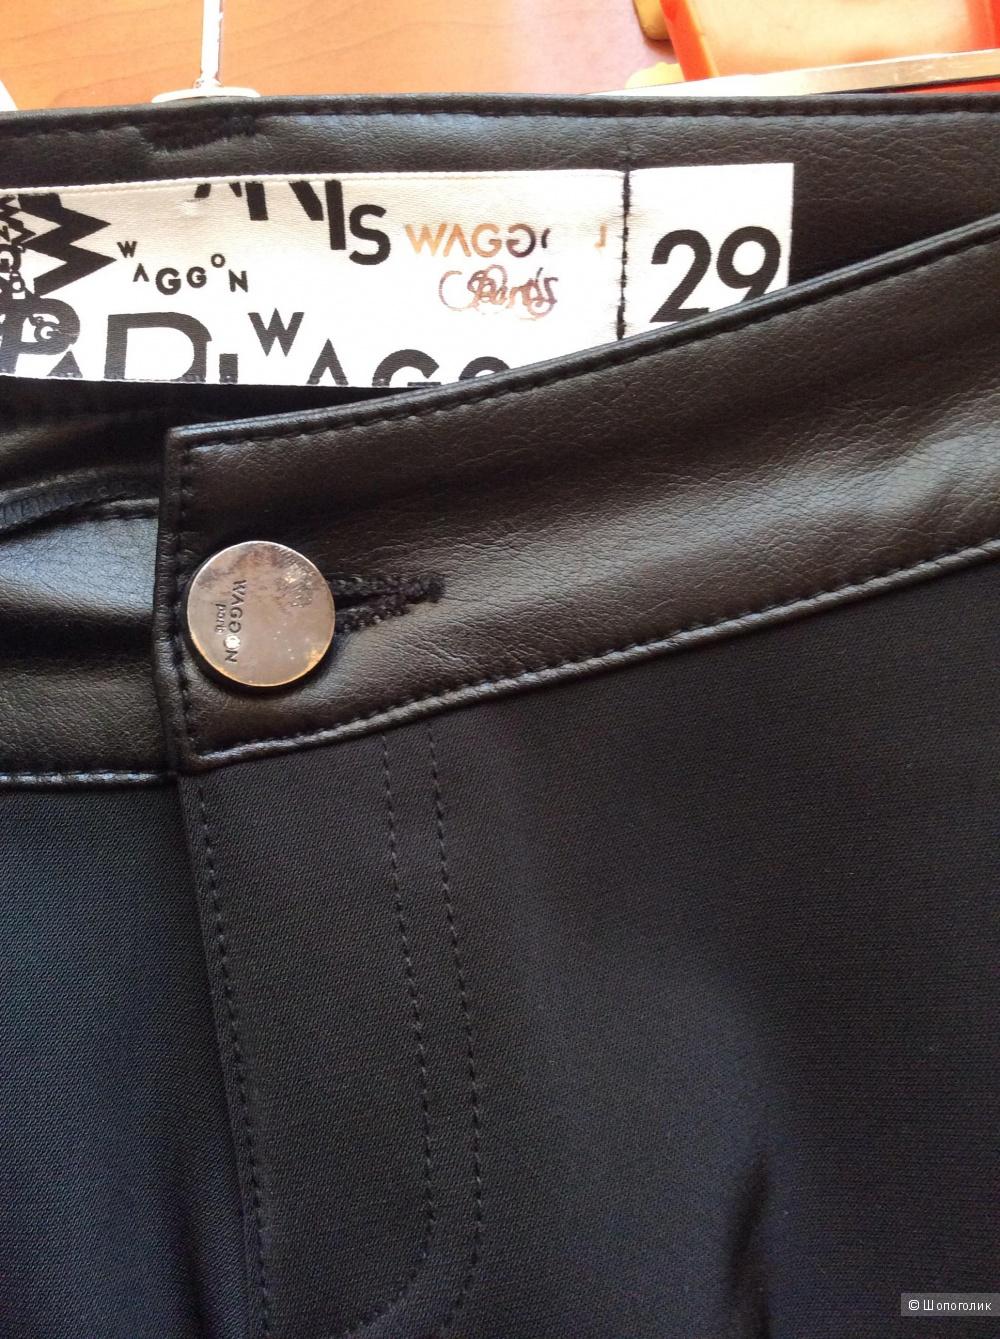 Брюки черные французской марки WAGGON размер 29